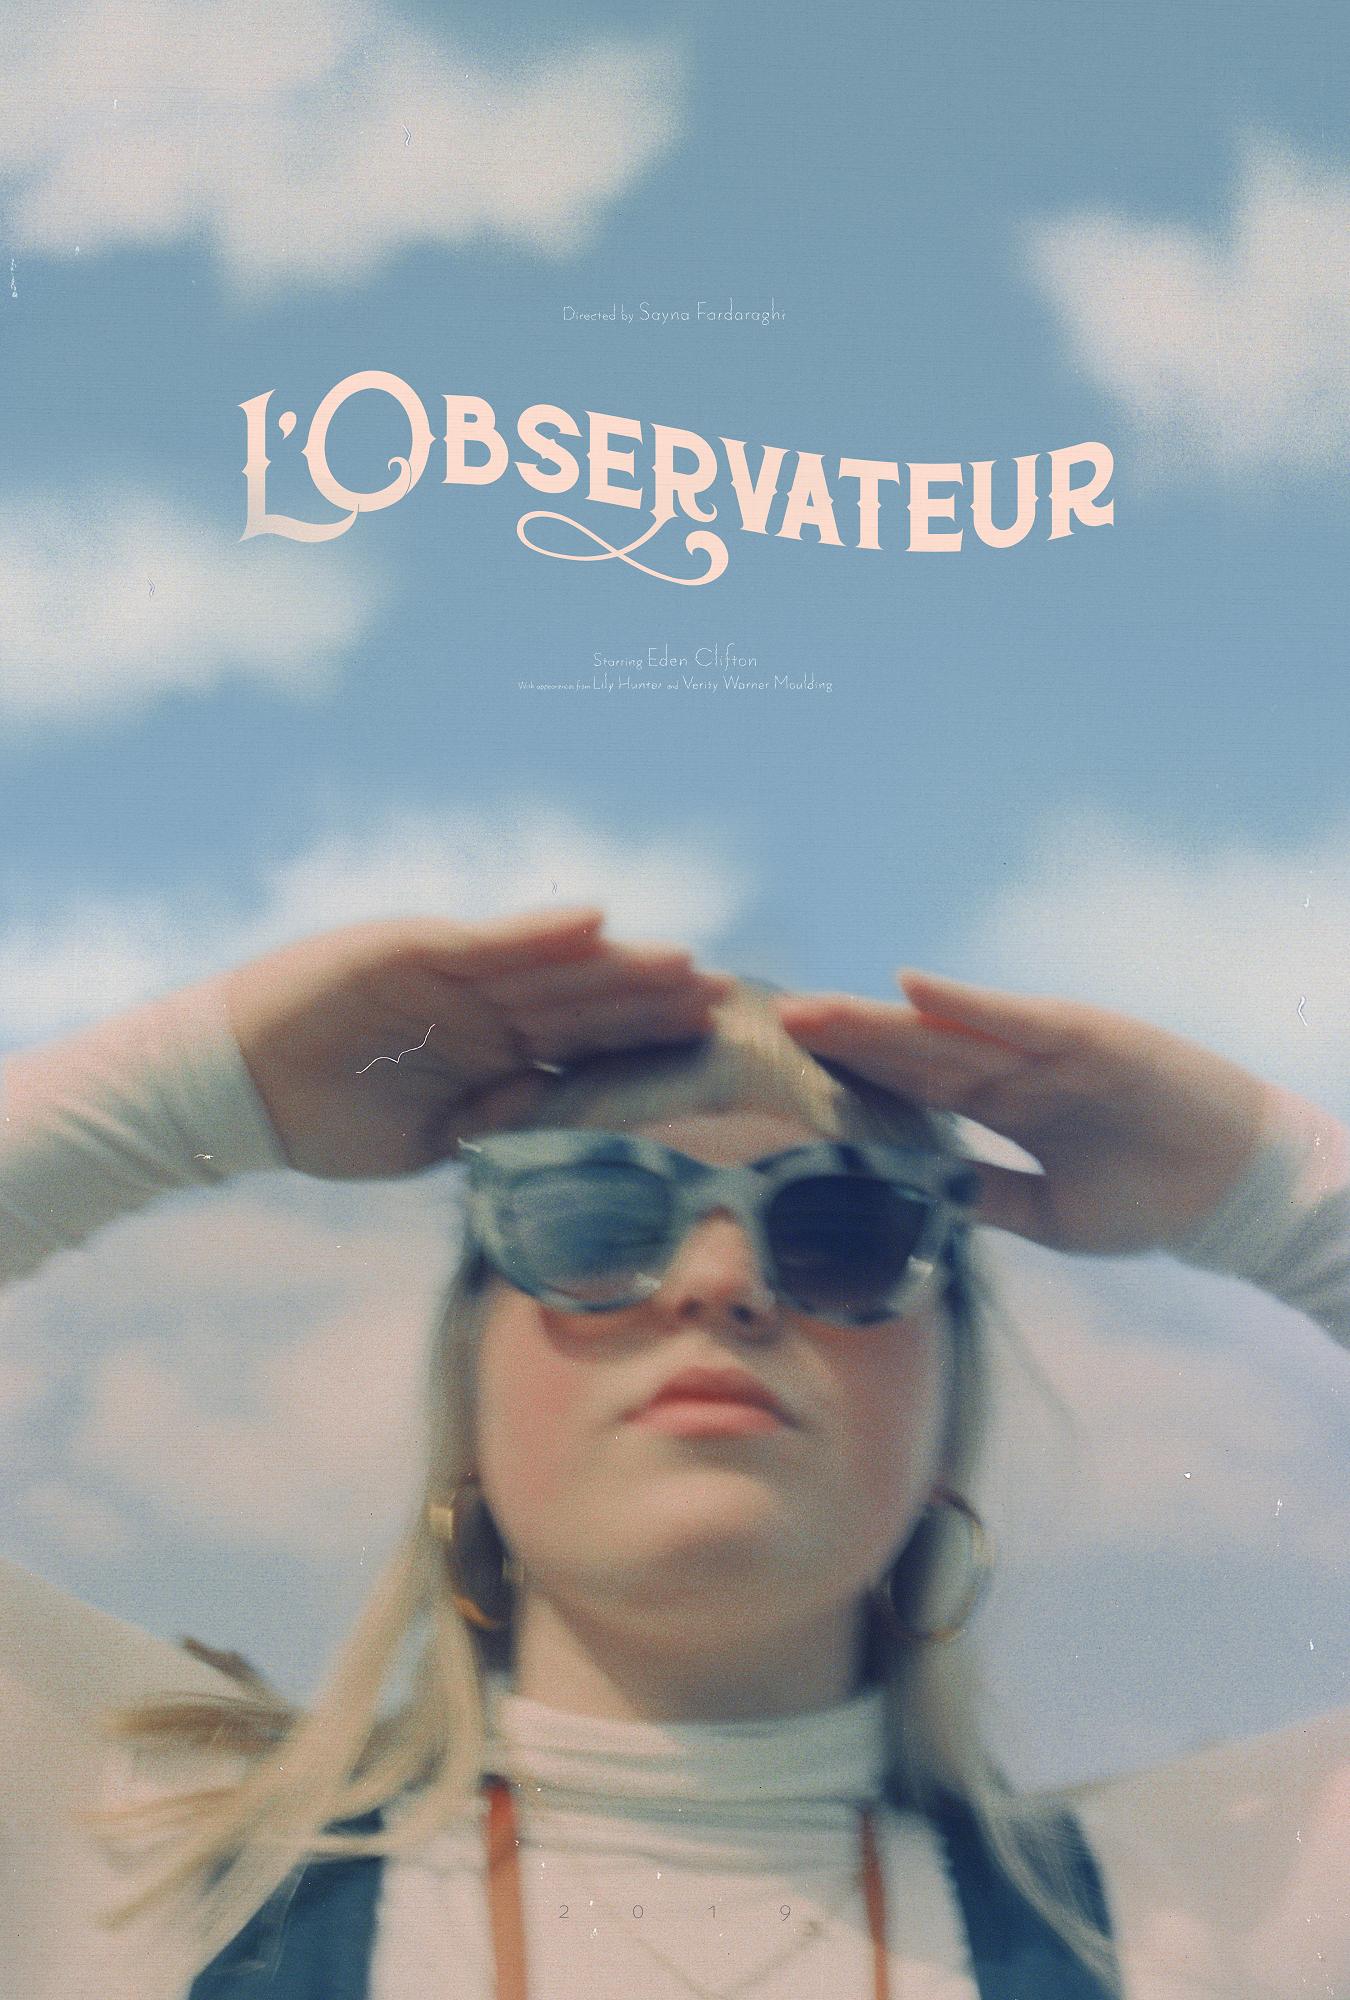 L'Observateur Original Poster Design